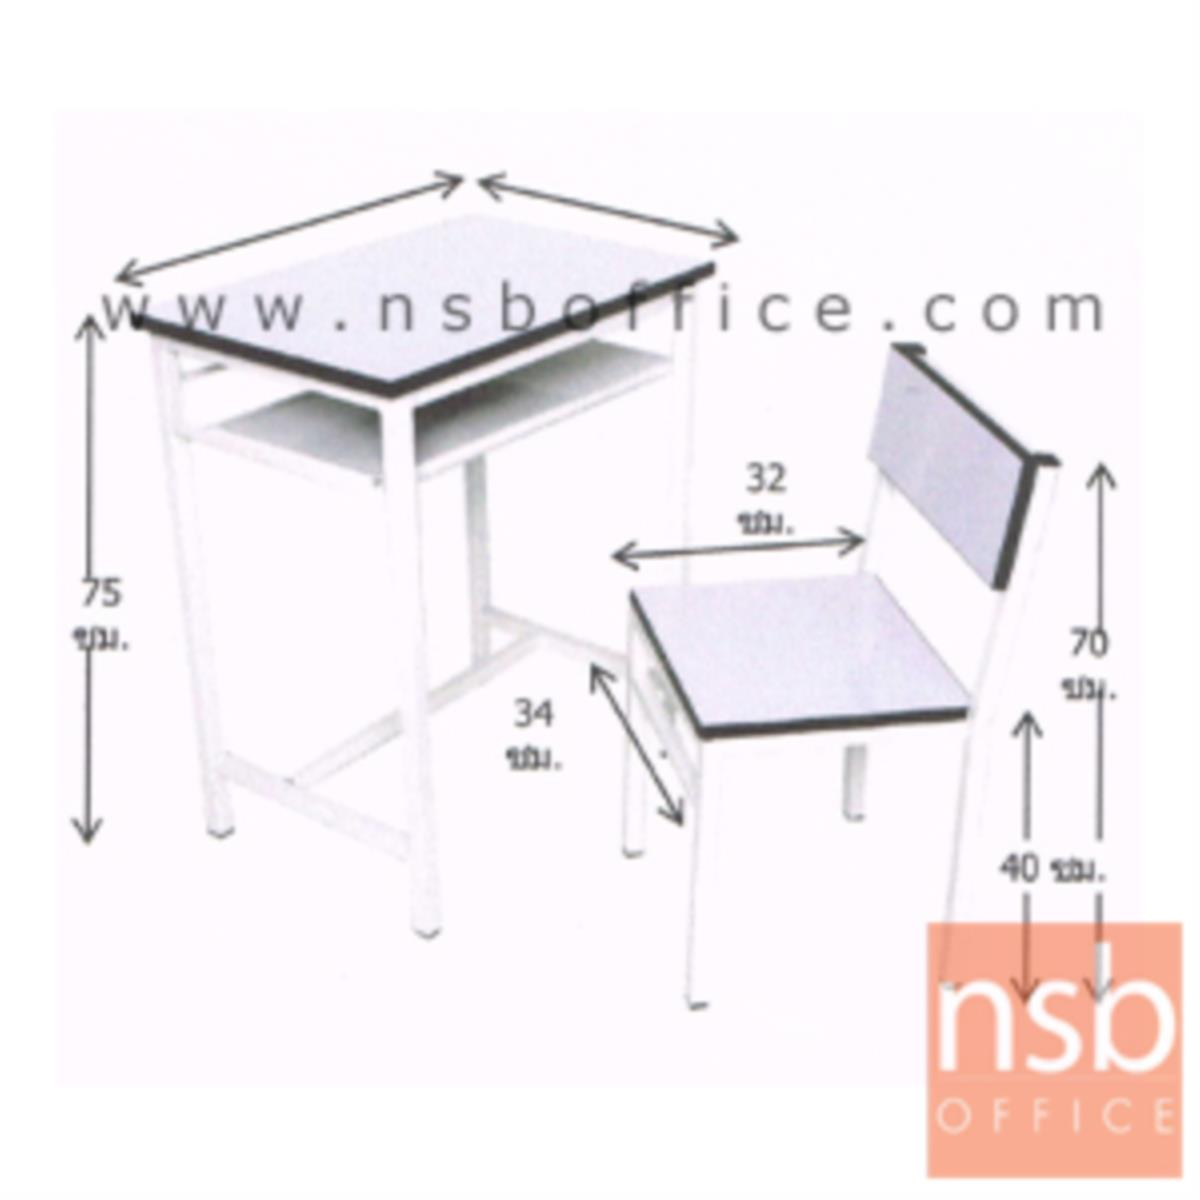 ชุดโต๊ะและเก้าอี้นักเรียน รุ่น TC-05  ระดับประถม มัธยม โครงเหล็กสีขาว